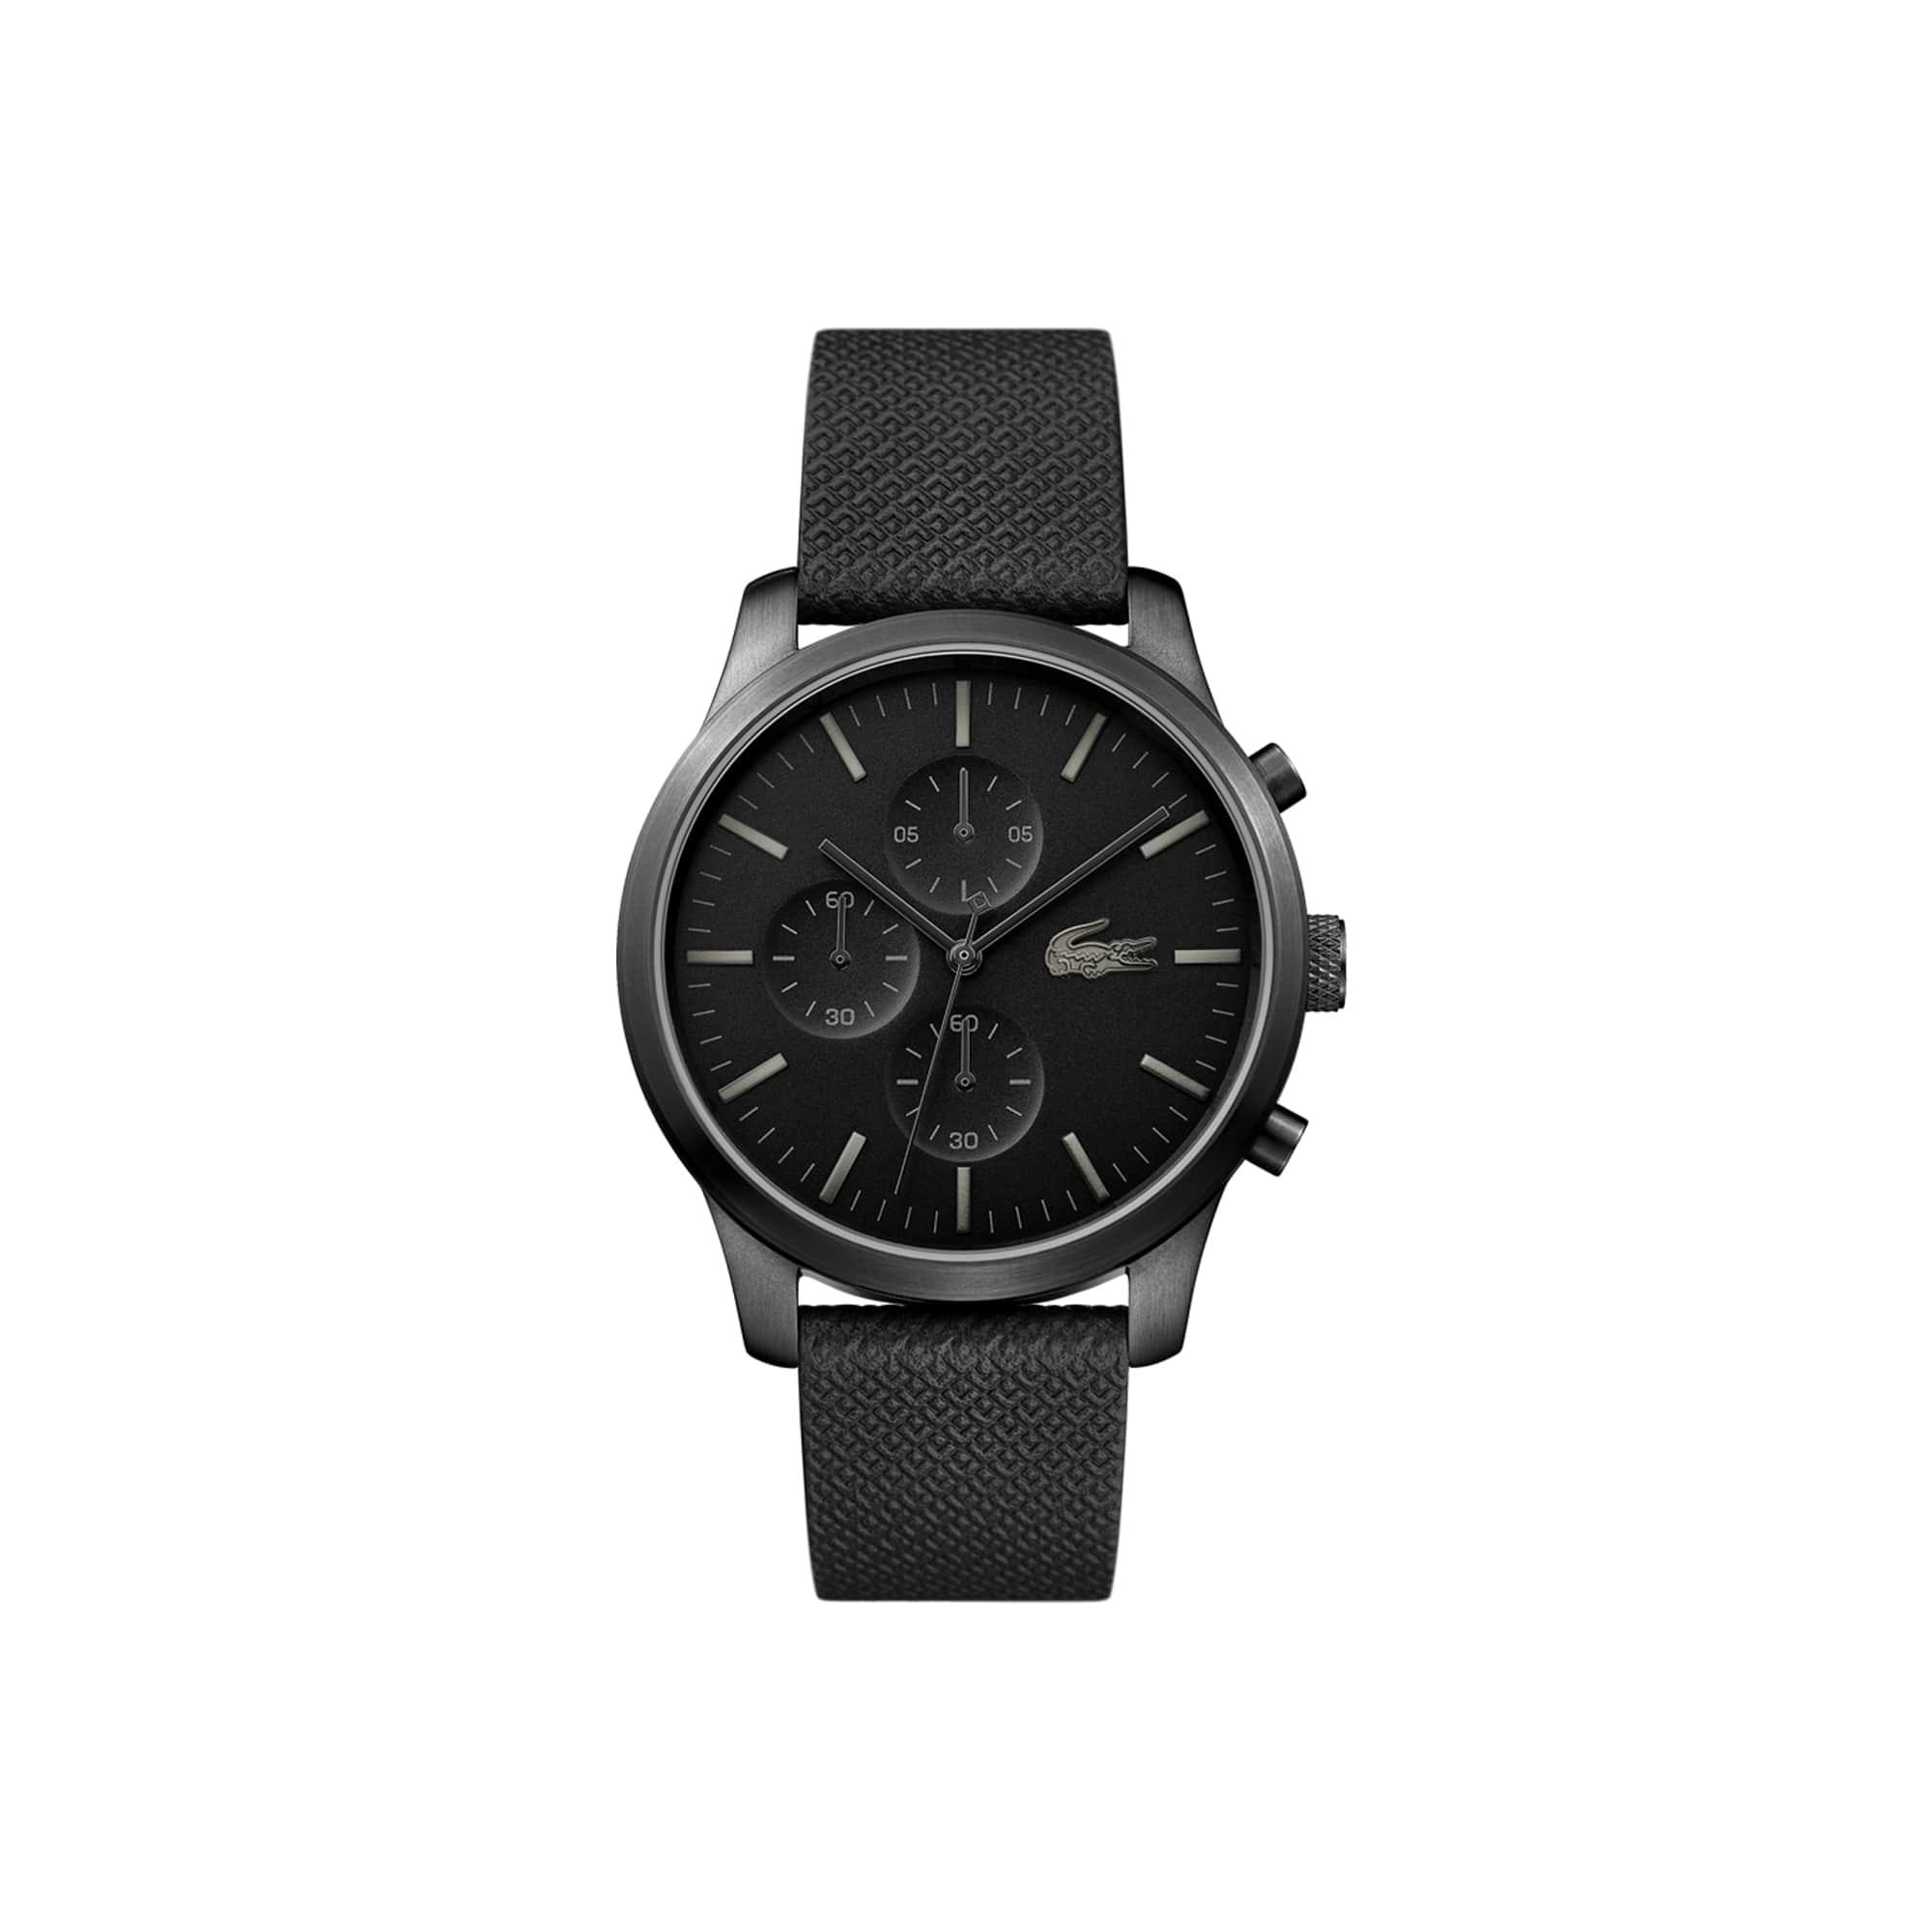 Reloj de Hombre Lacoste L.12.12 85Th Anniversary con Correa Negra de Piel con Textura de Petit Piqué En Relieve